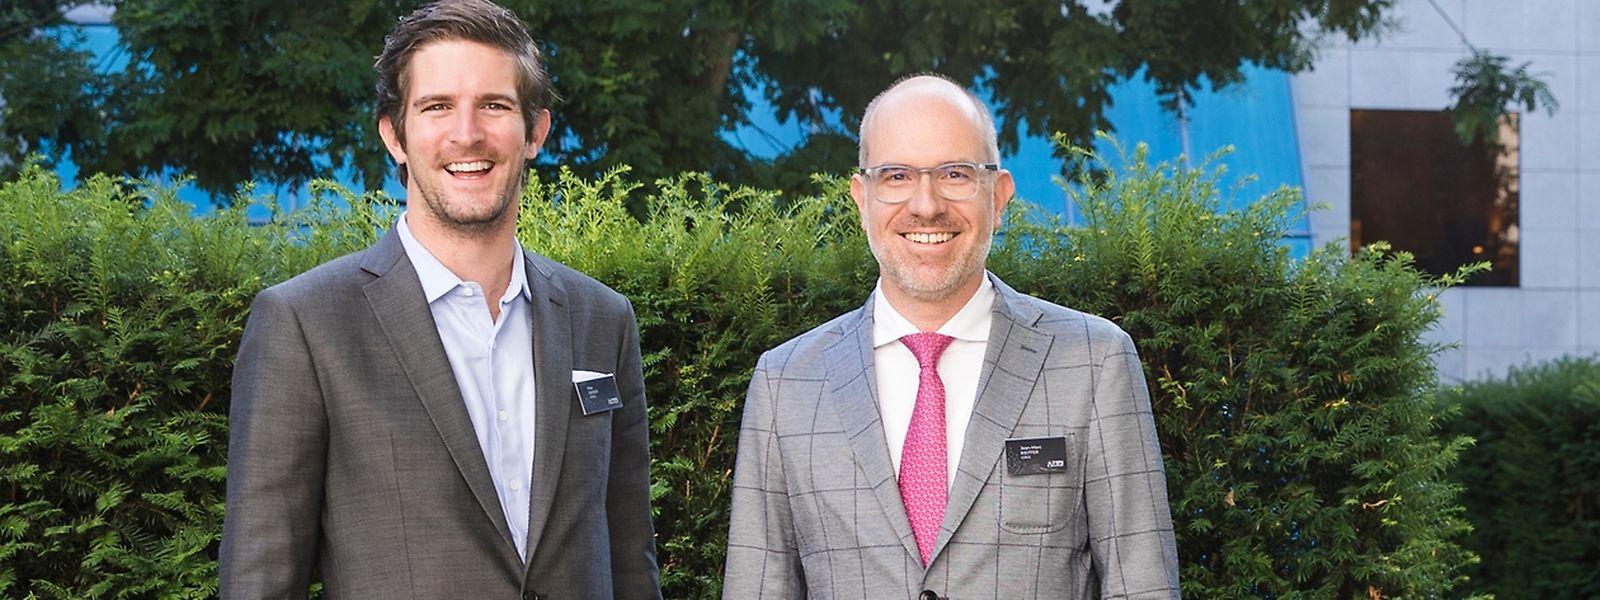 A la tête du réseau: Max Didier, CEO du FBN Luxembourg (à g.) et Jean-Marc Kieffer, président du FBN Luxembourg.